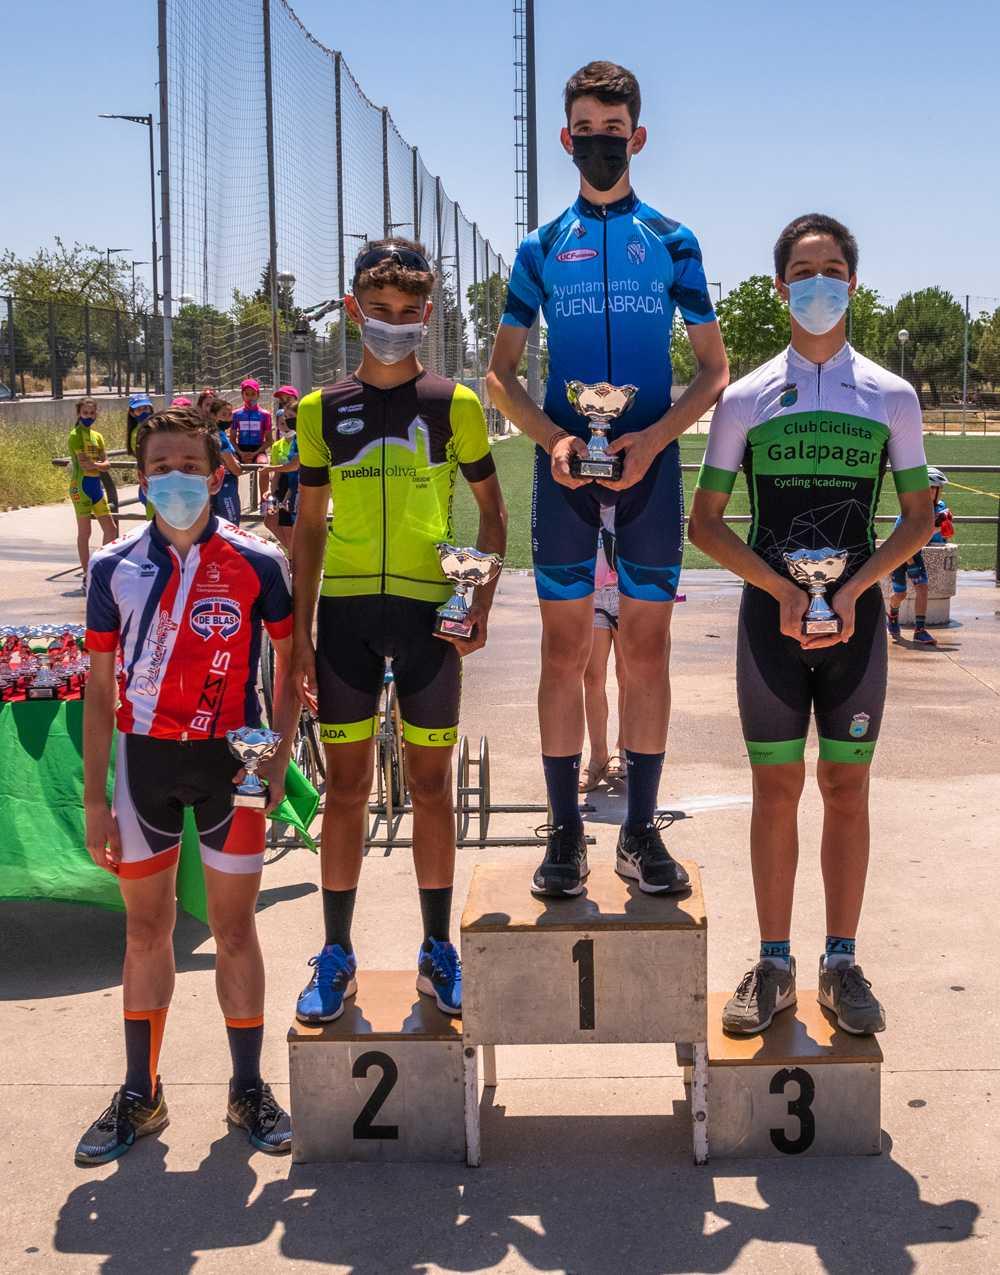 La Unión Ciclista San Sebastián de los Reyes prolongó su racha en el XLIII Trofeo Amistad